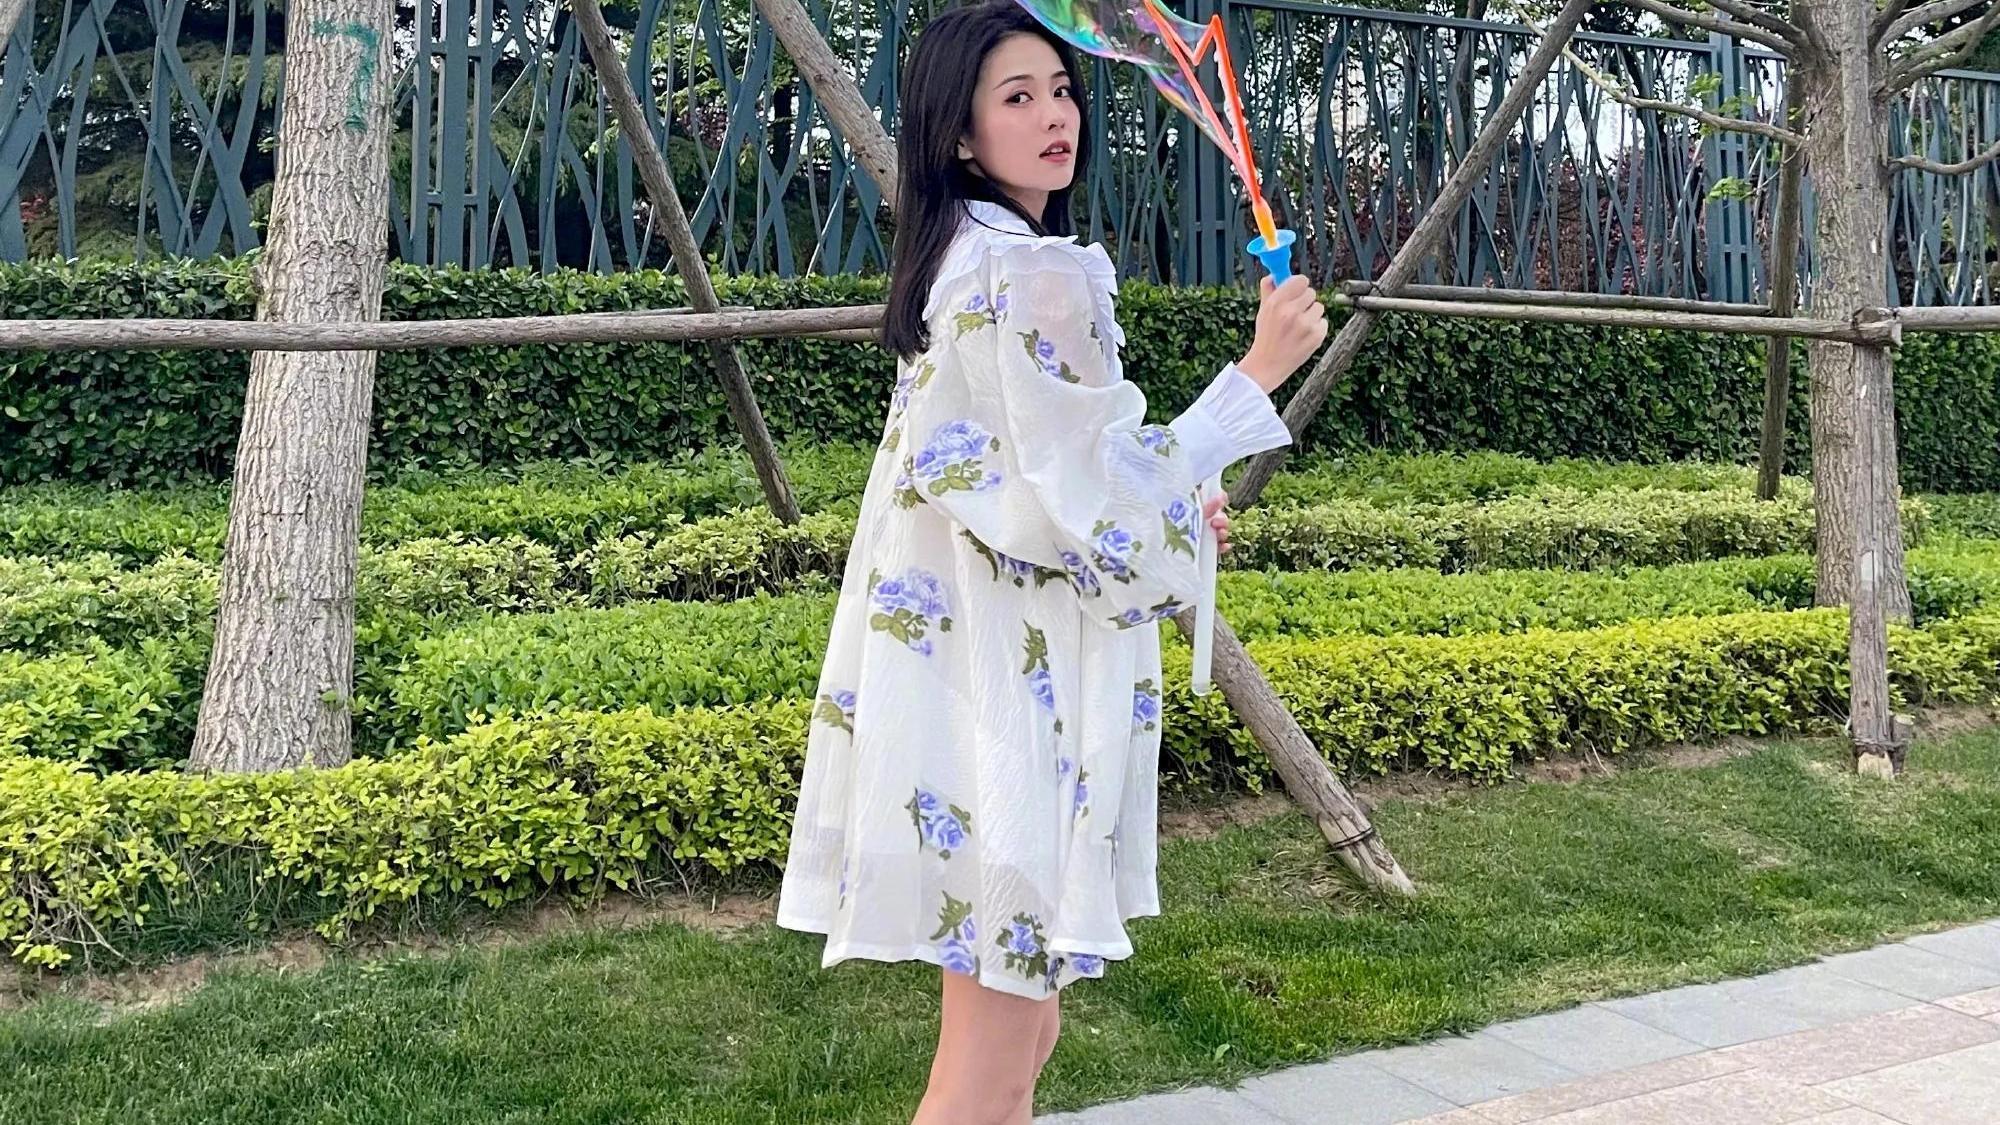 白鹿这次穿搭这么温暖?穿白色娃娃玫瑰裙,尽显宫廷风的公主范